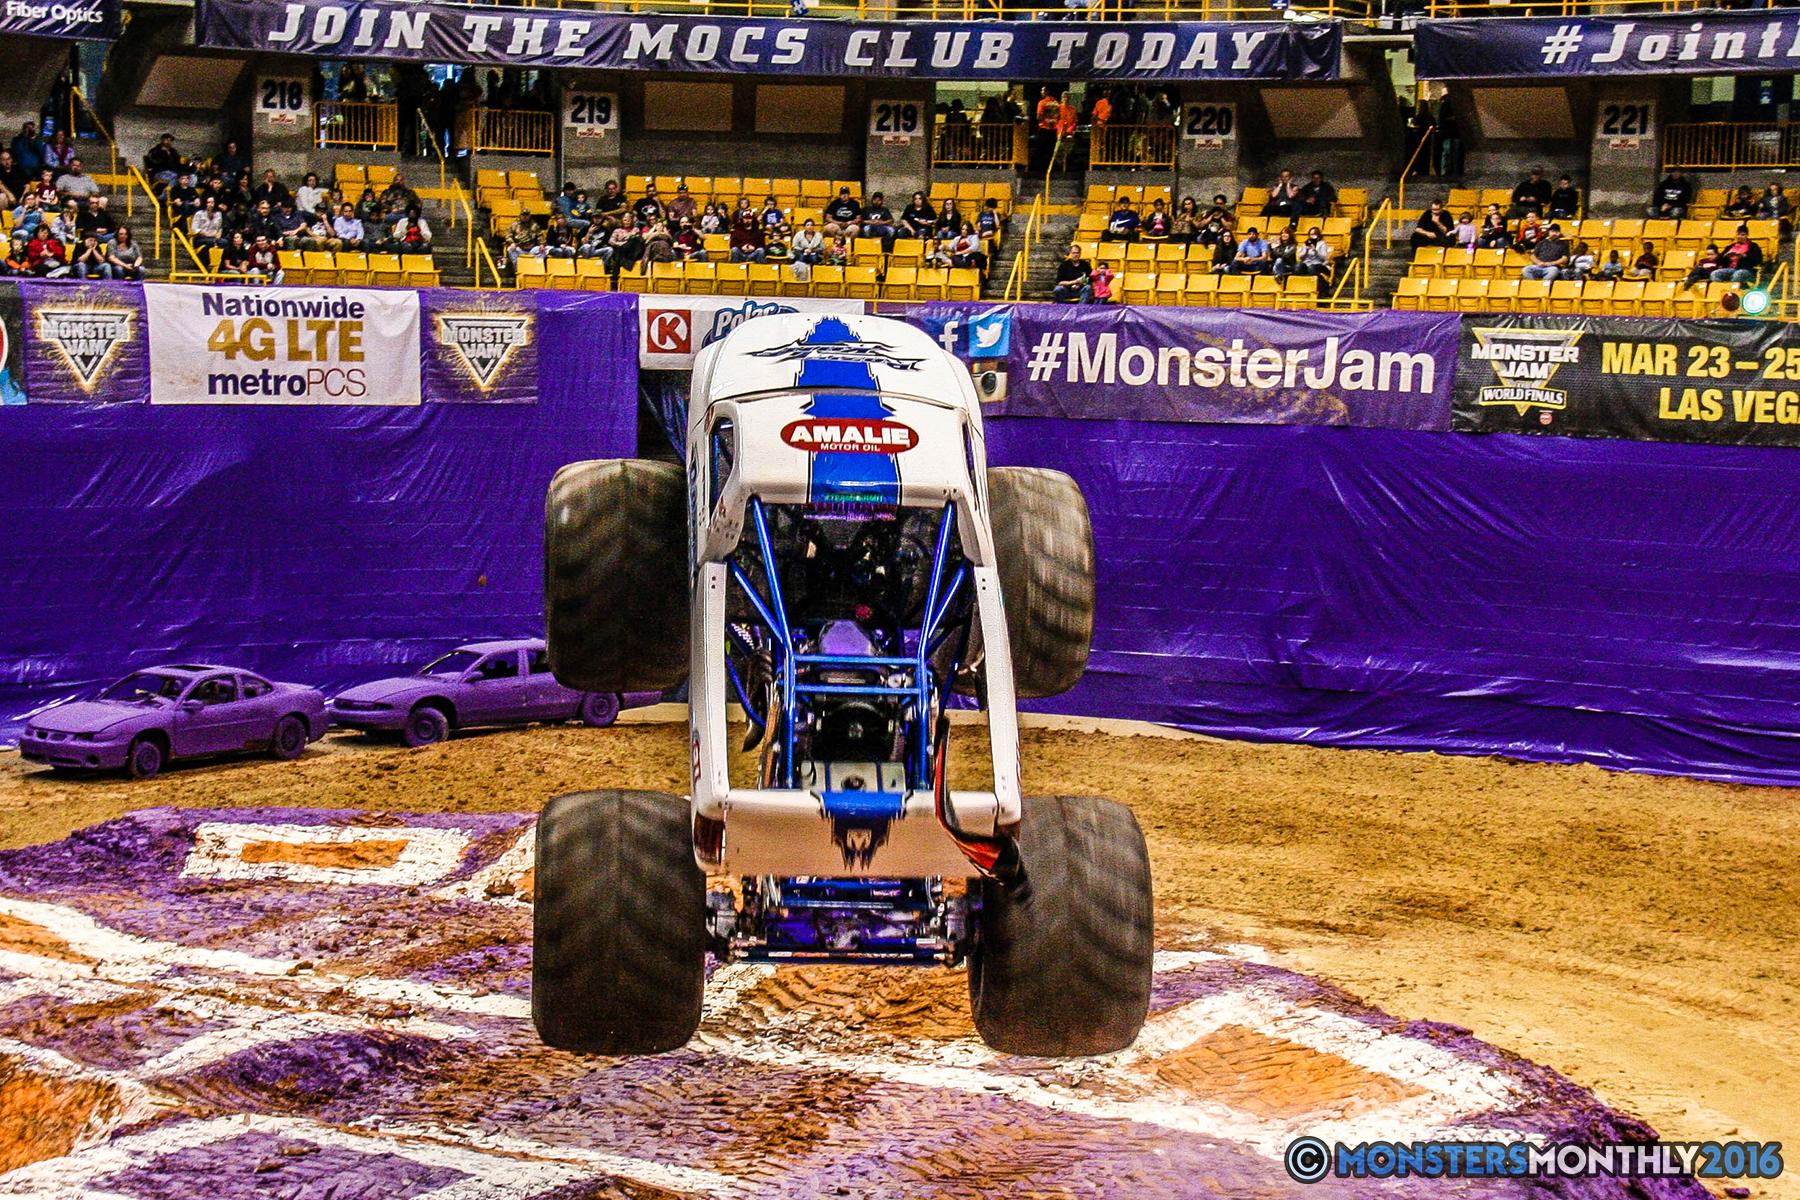 12-monster-jam-utc-mckenzie-arena-chattanooga-tennessee-monstersmonthly-monster-truck-race-gravedigger-monstermutt-xtermigator-razin-kane-doomsday-captainscurse-2016.jpg